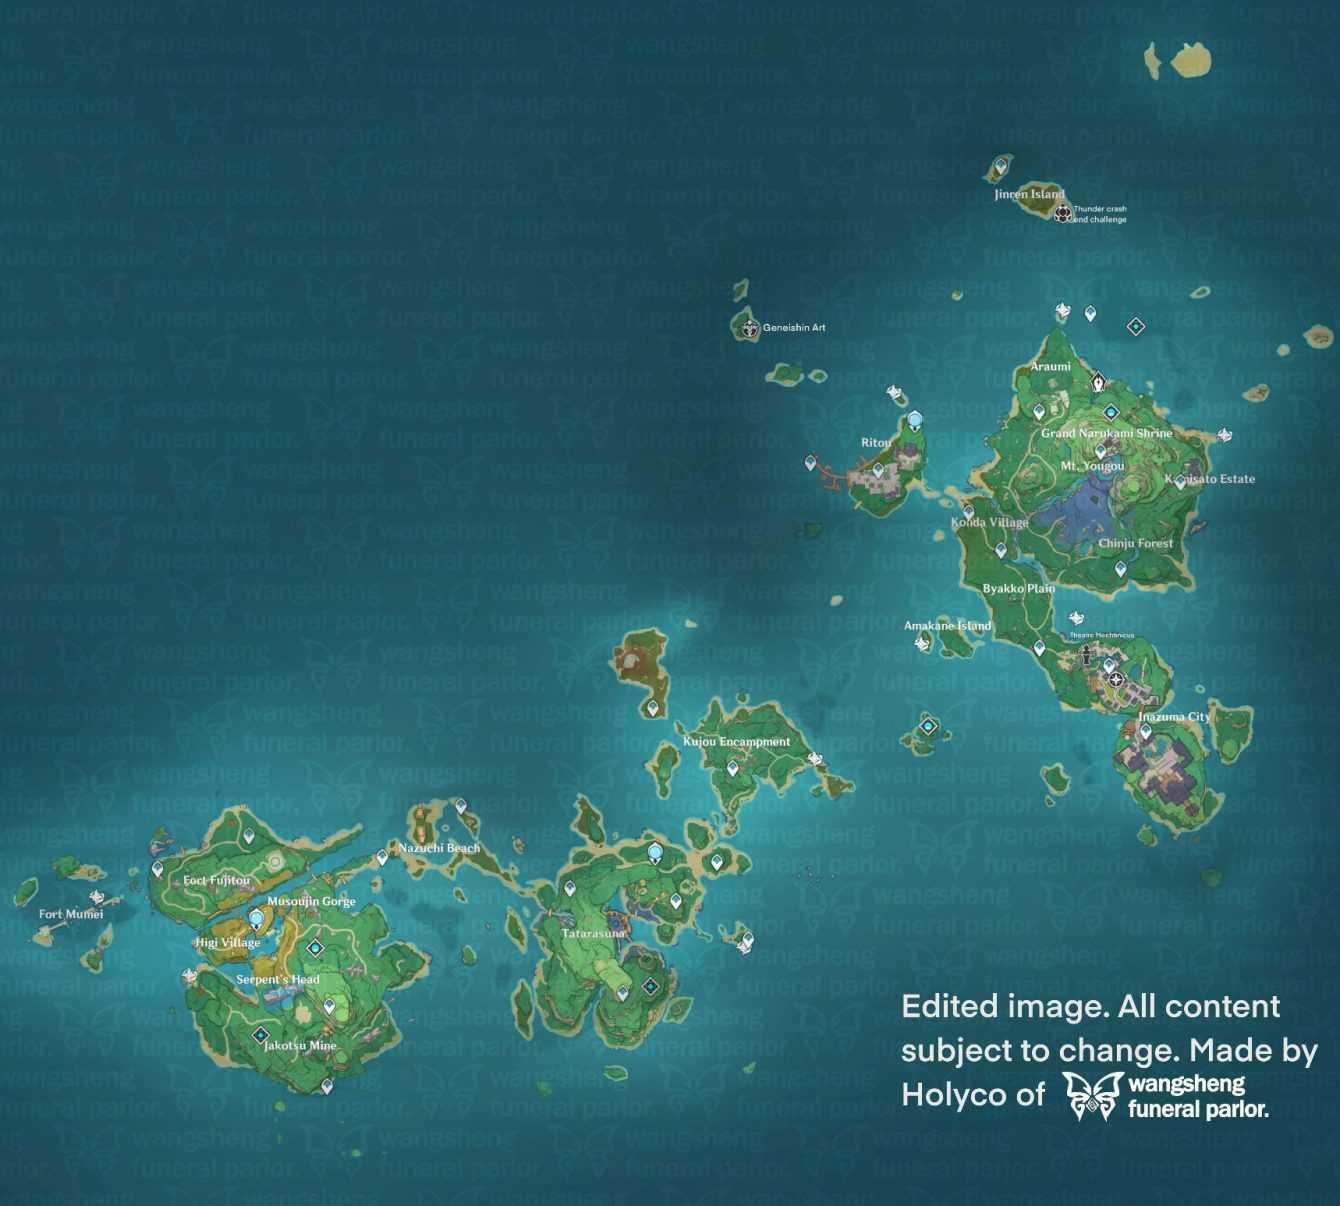 Impacto de Genshin: una nueva filtración revela la región de Inazuma